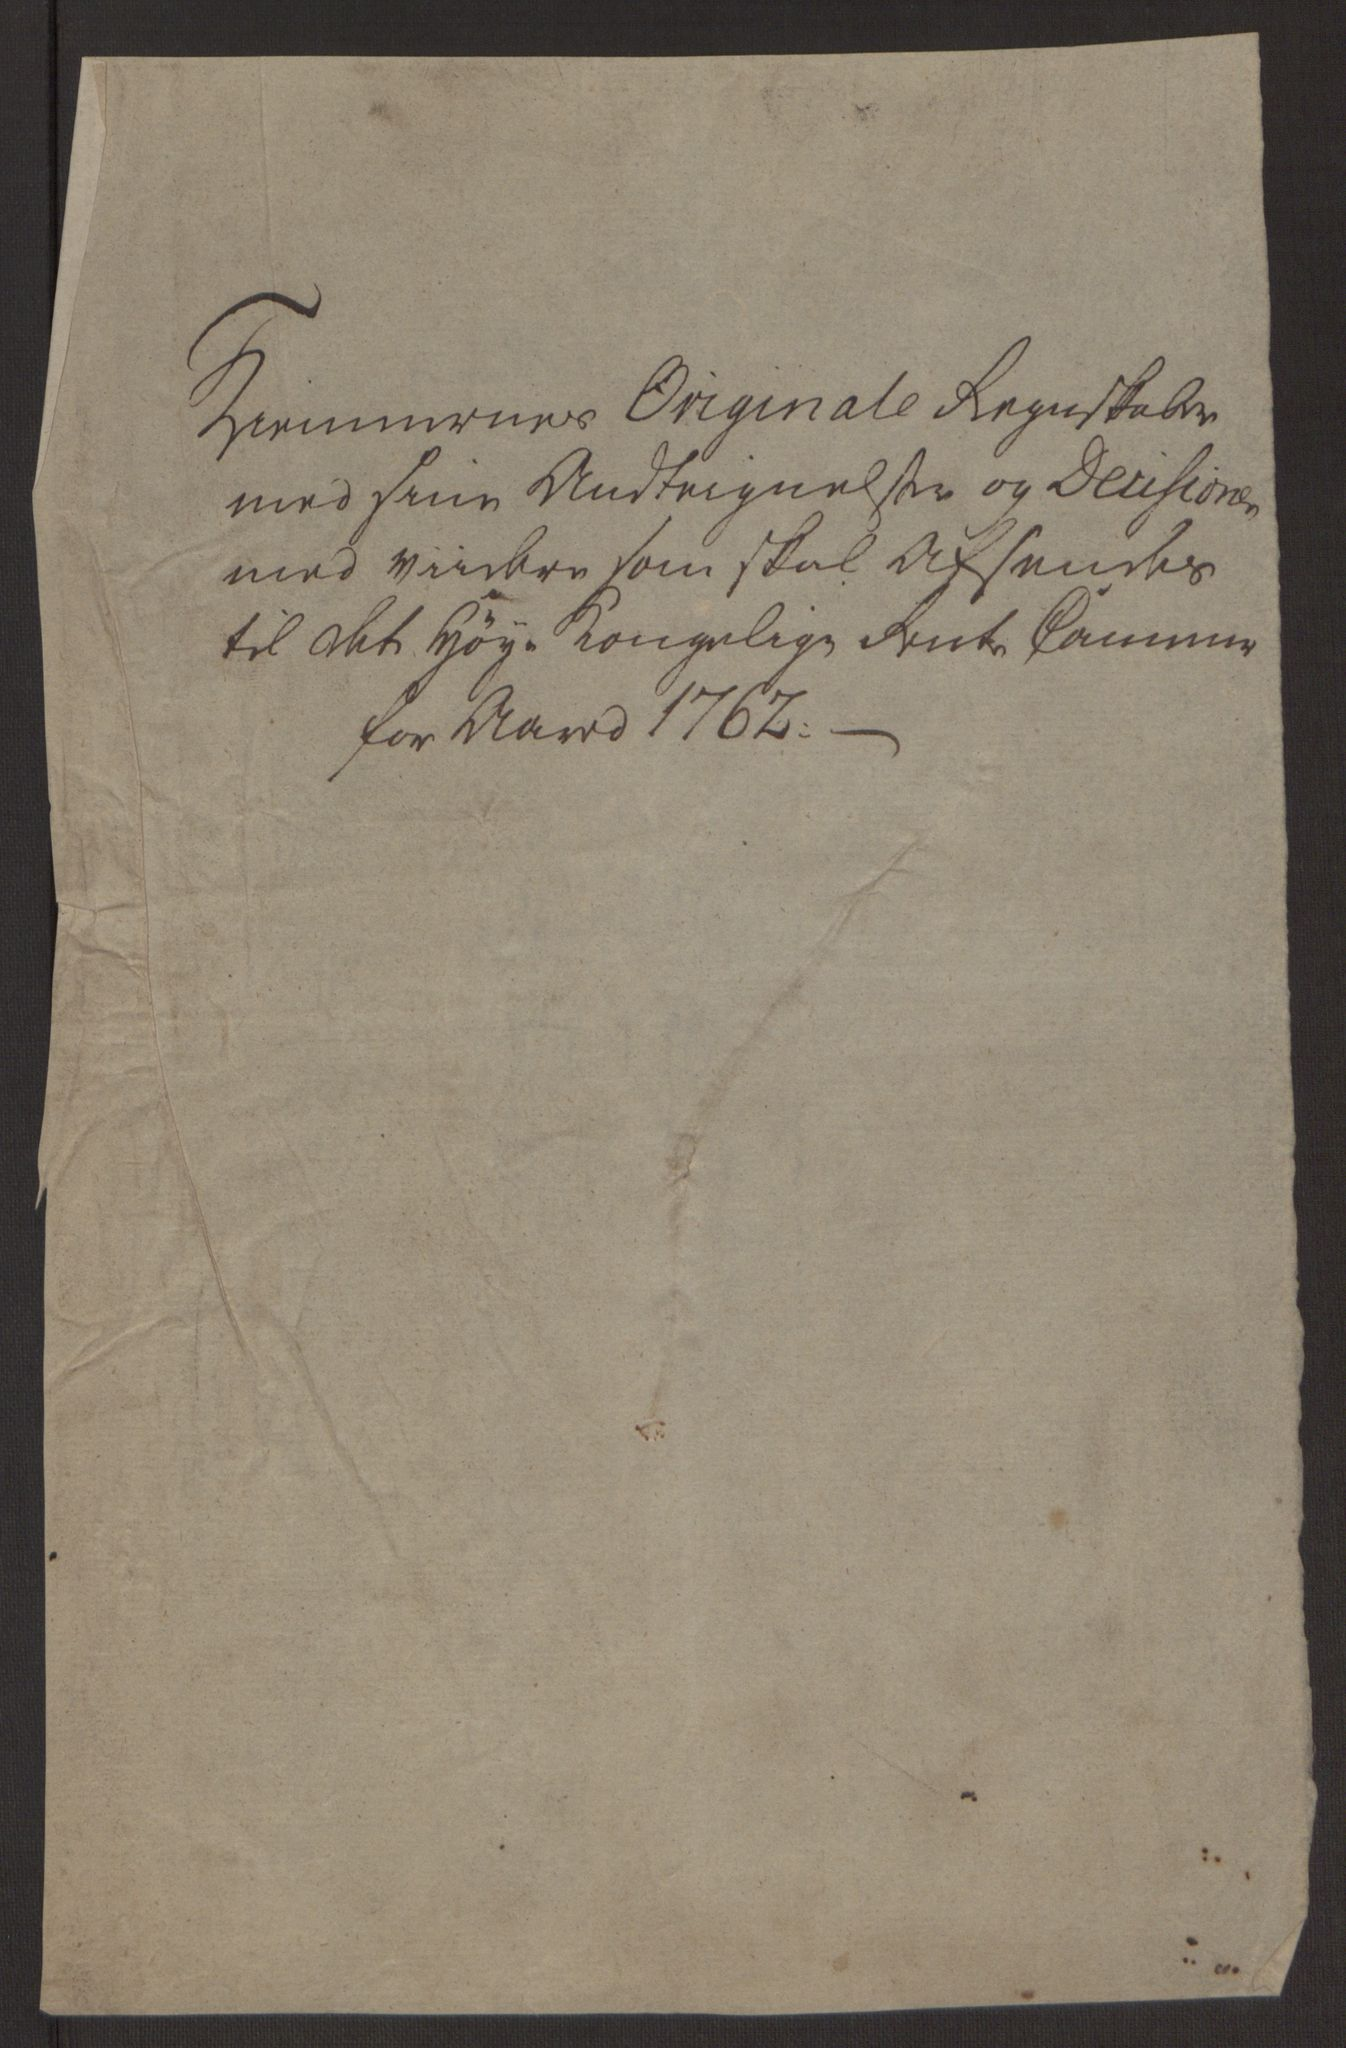 RA, Rentekammeret inntil 1814, Reviderte regnskaper, Byregnskaper, R/Rp/L0365: [P20] Kontribusjonsregnskap, 1762, s. 10